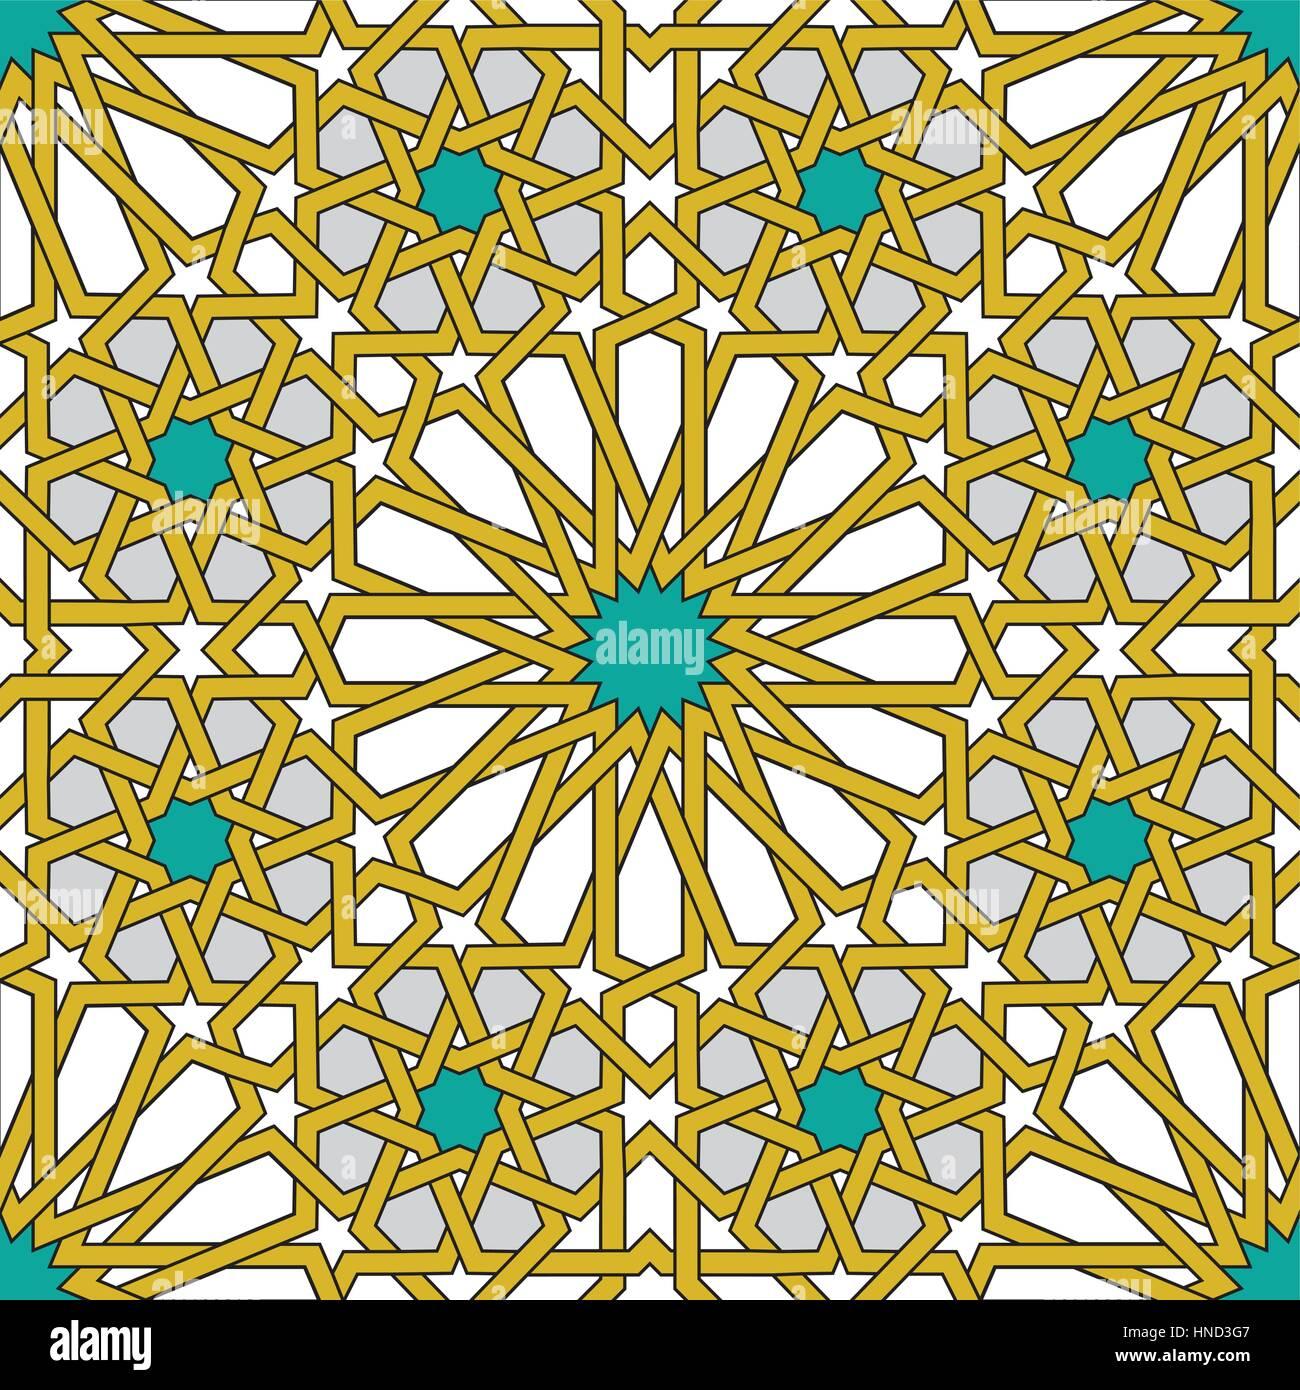 Modèle logique géométrique islamique Photo Stock